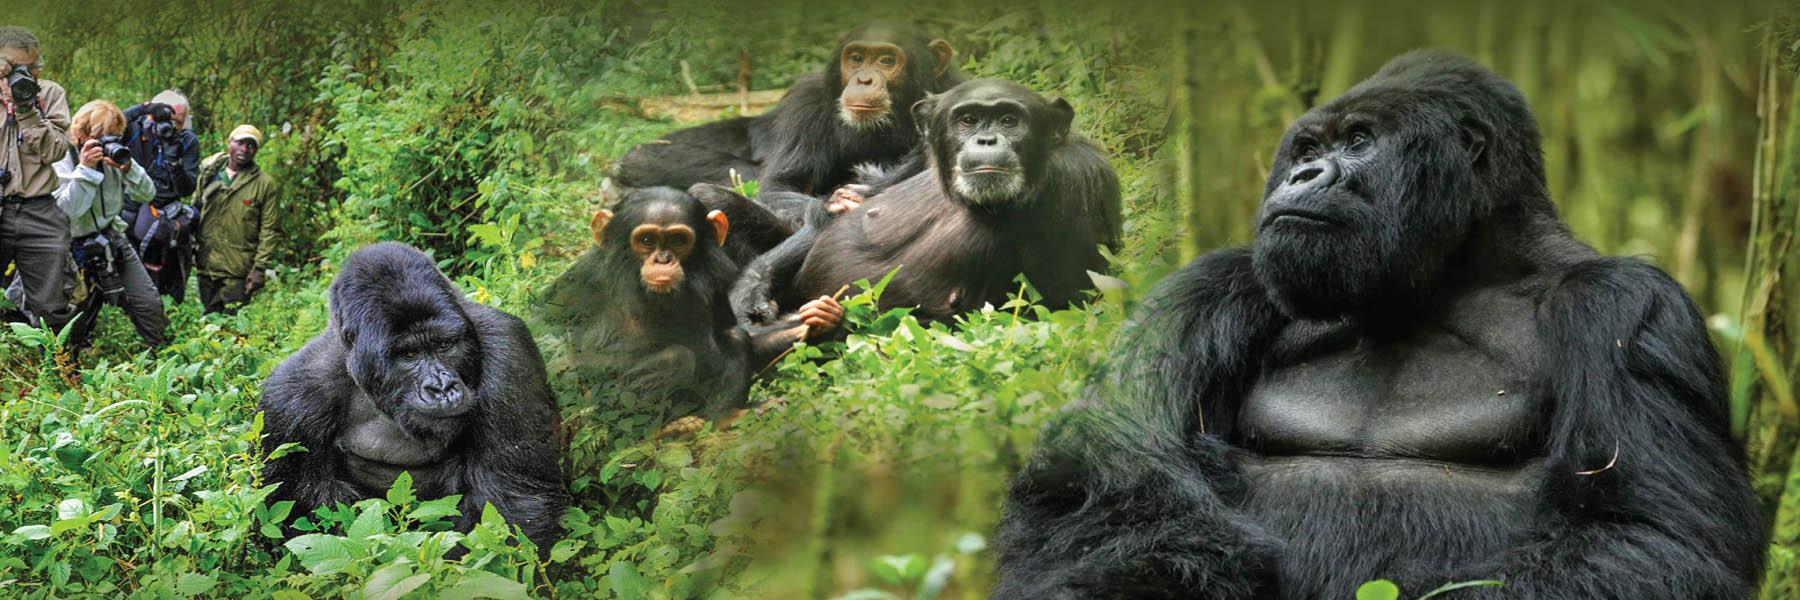 5 Days Gorilla and Chimpanzee Tour